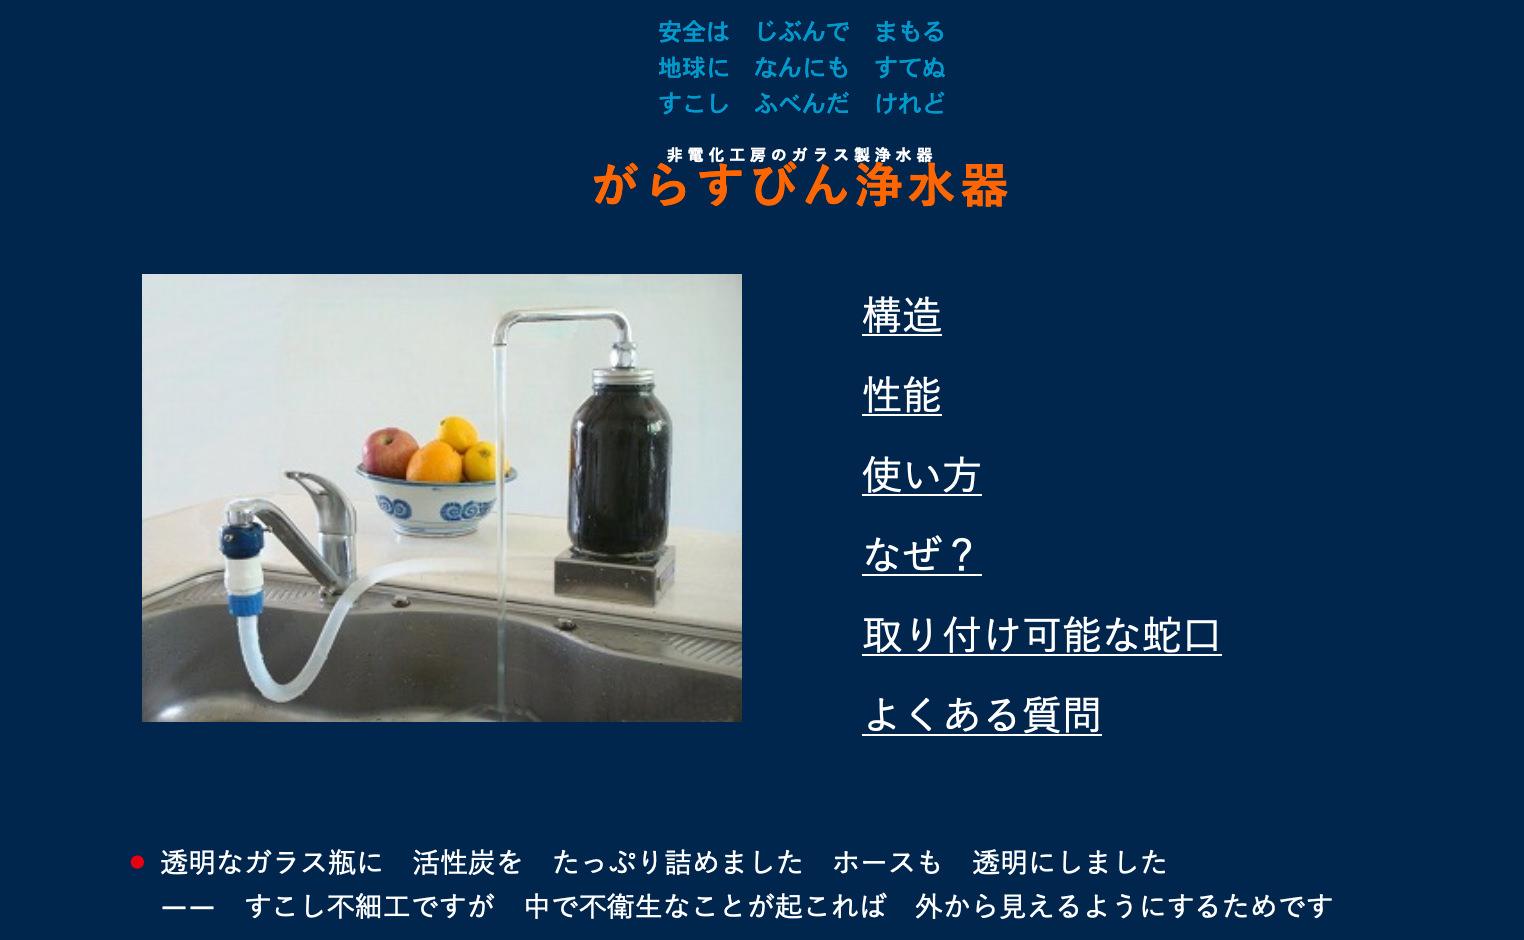 がらすびん浄水器について